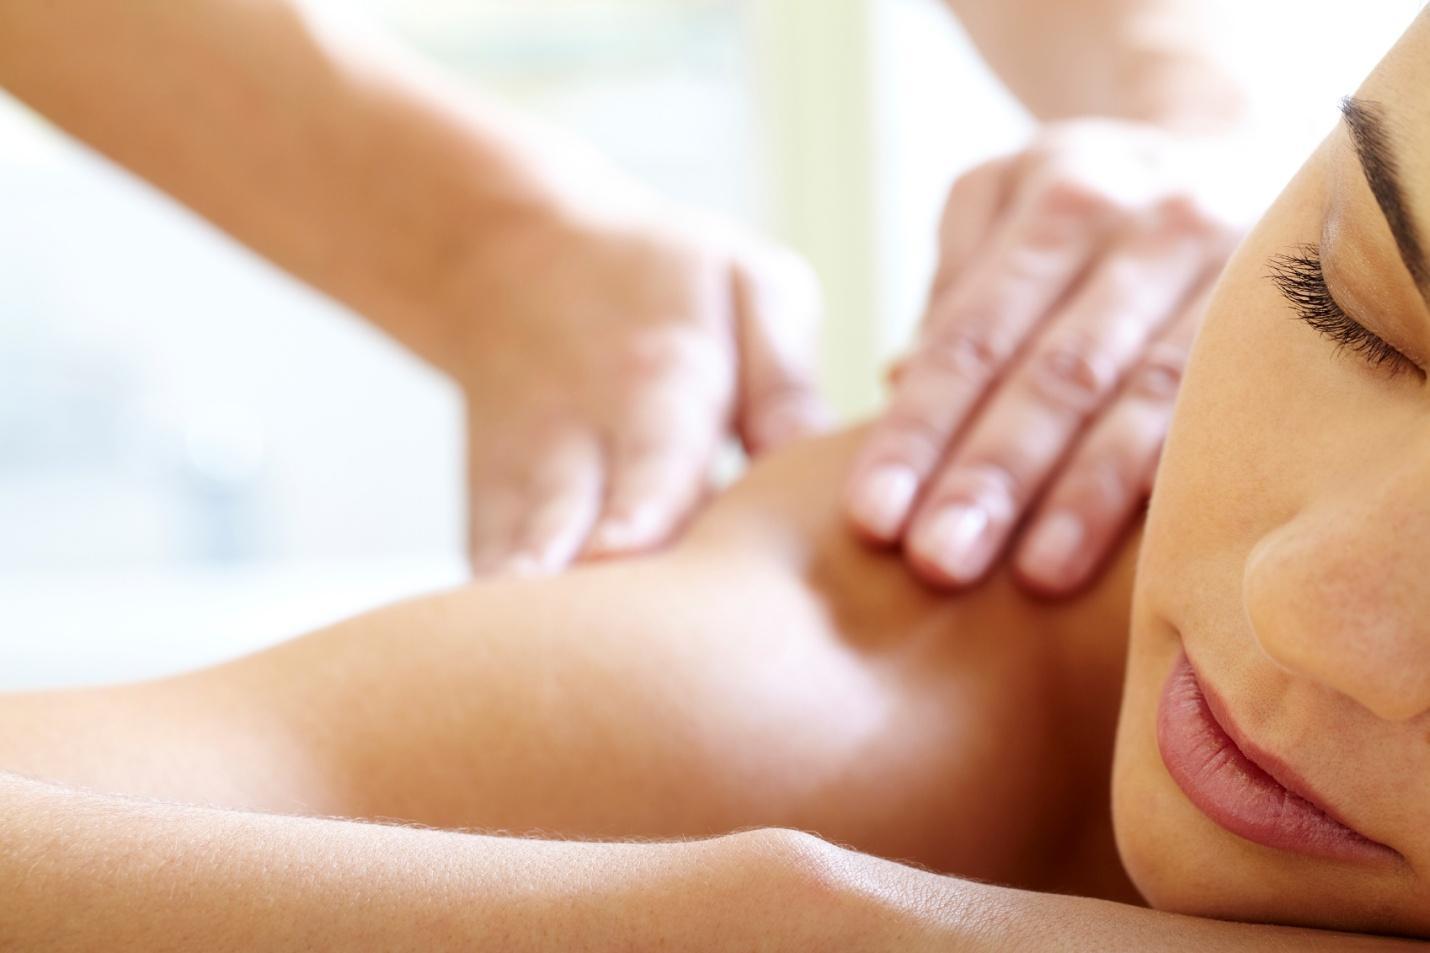 Áp dụng massage chữa bệnh, một phương pháp có đúng?